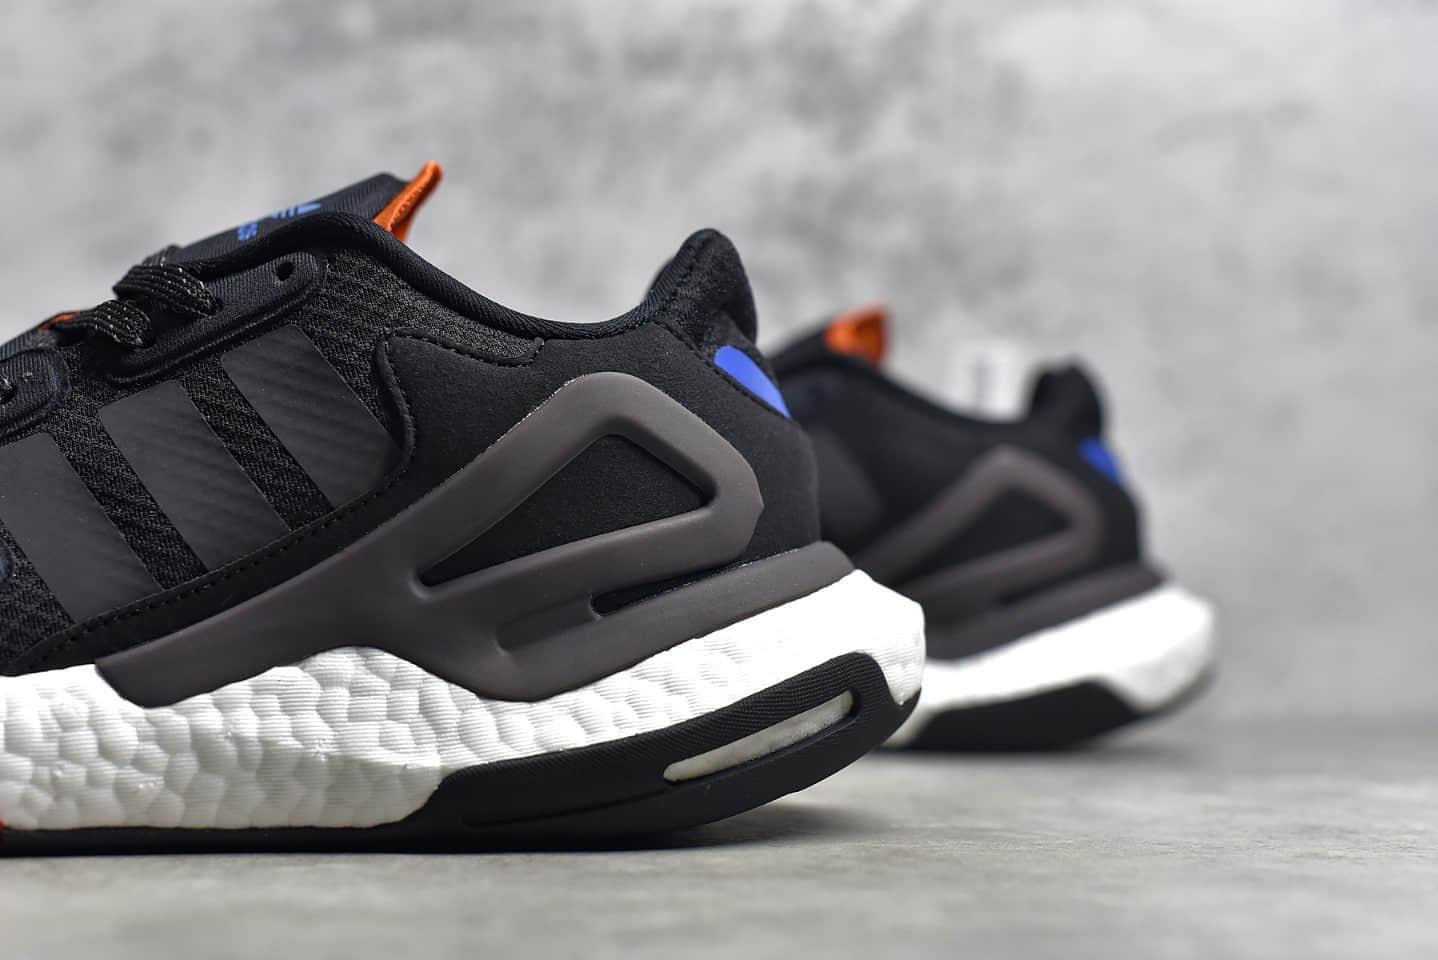 阿迪达斯夜行者二代BOOST跑鞋 Adidas Day Jogger 夜行者二代黑色高弹跑鞋 货号:FW4818-潮流者之家